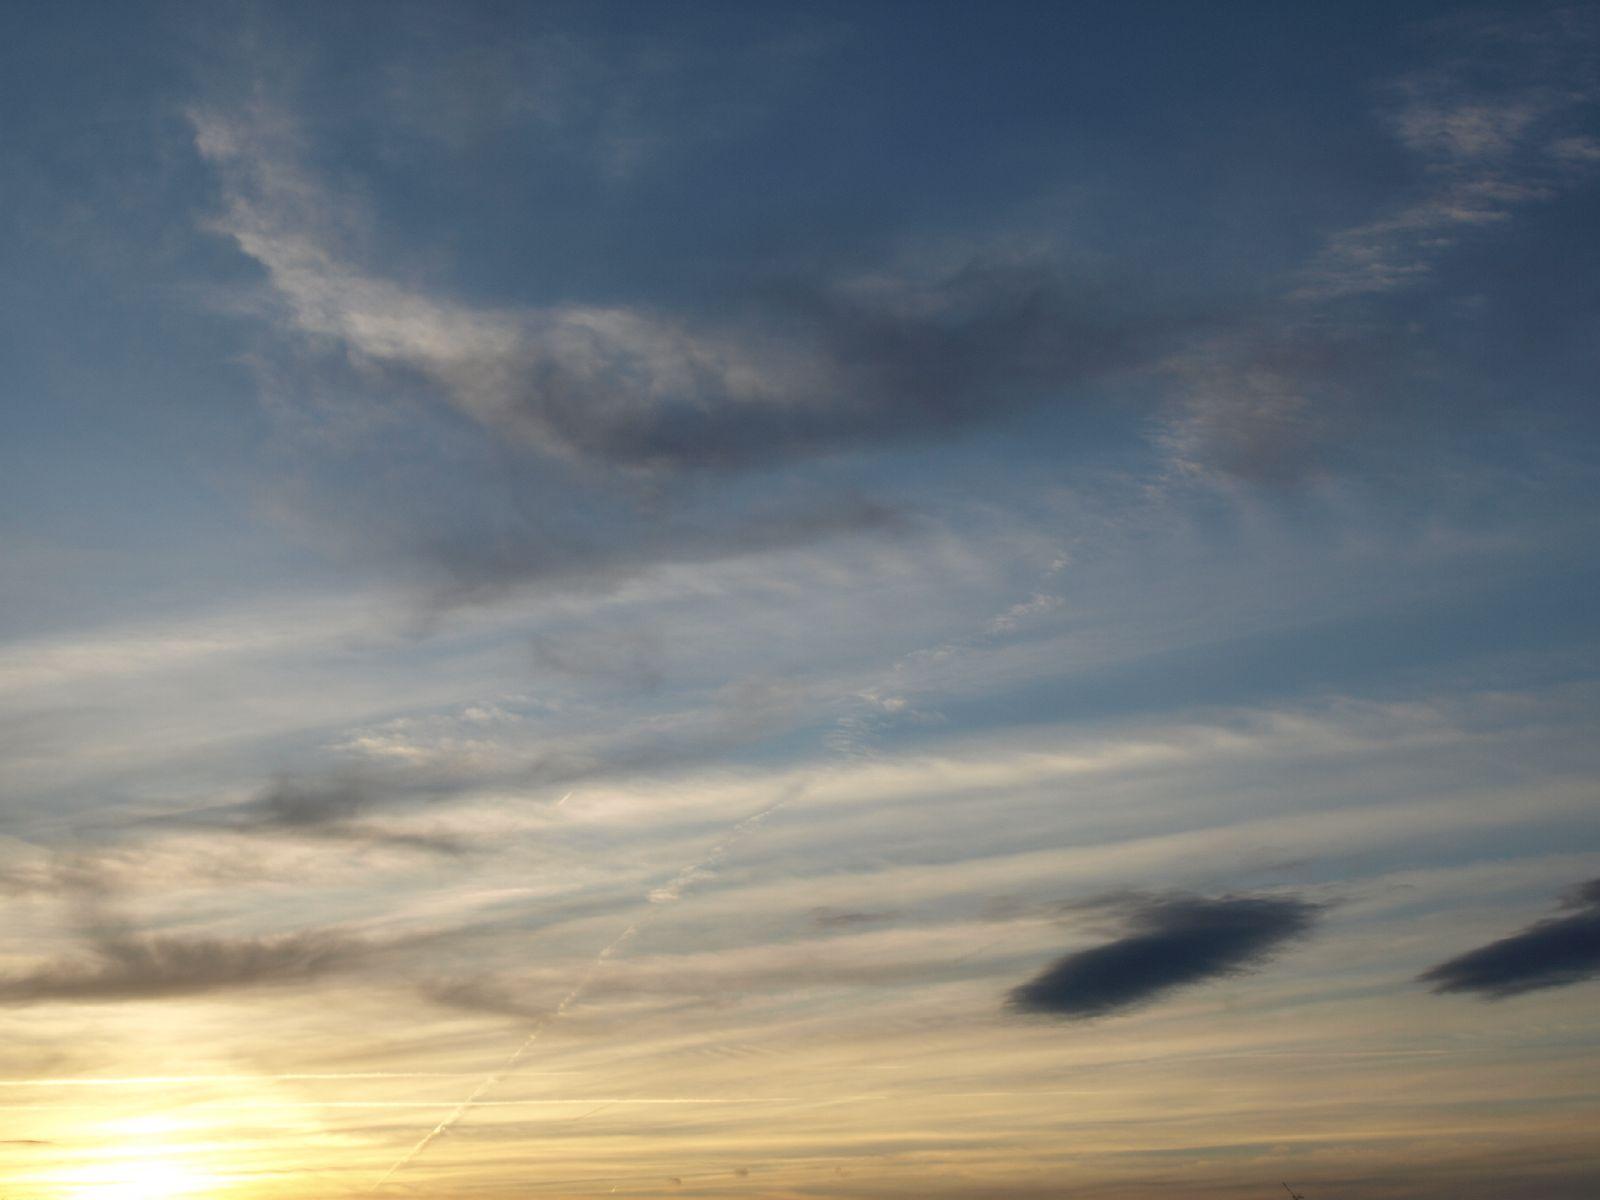 Himmel-Wolken-Foto_Textur_A_P4201635